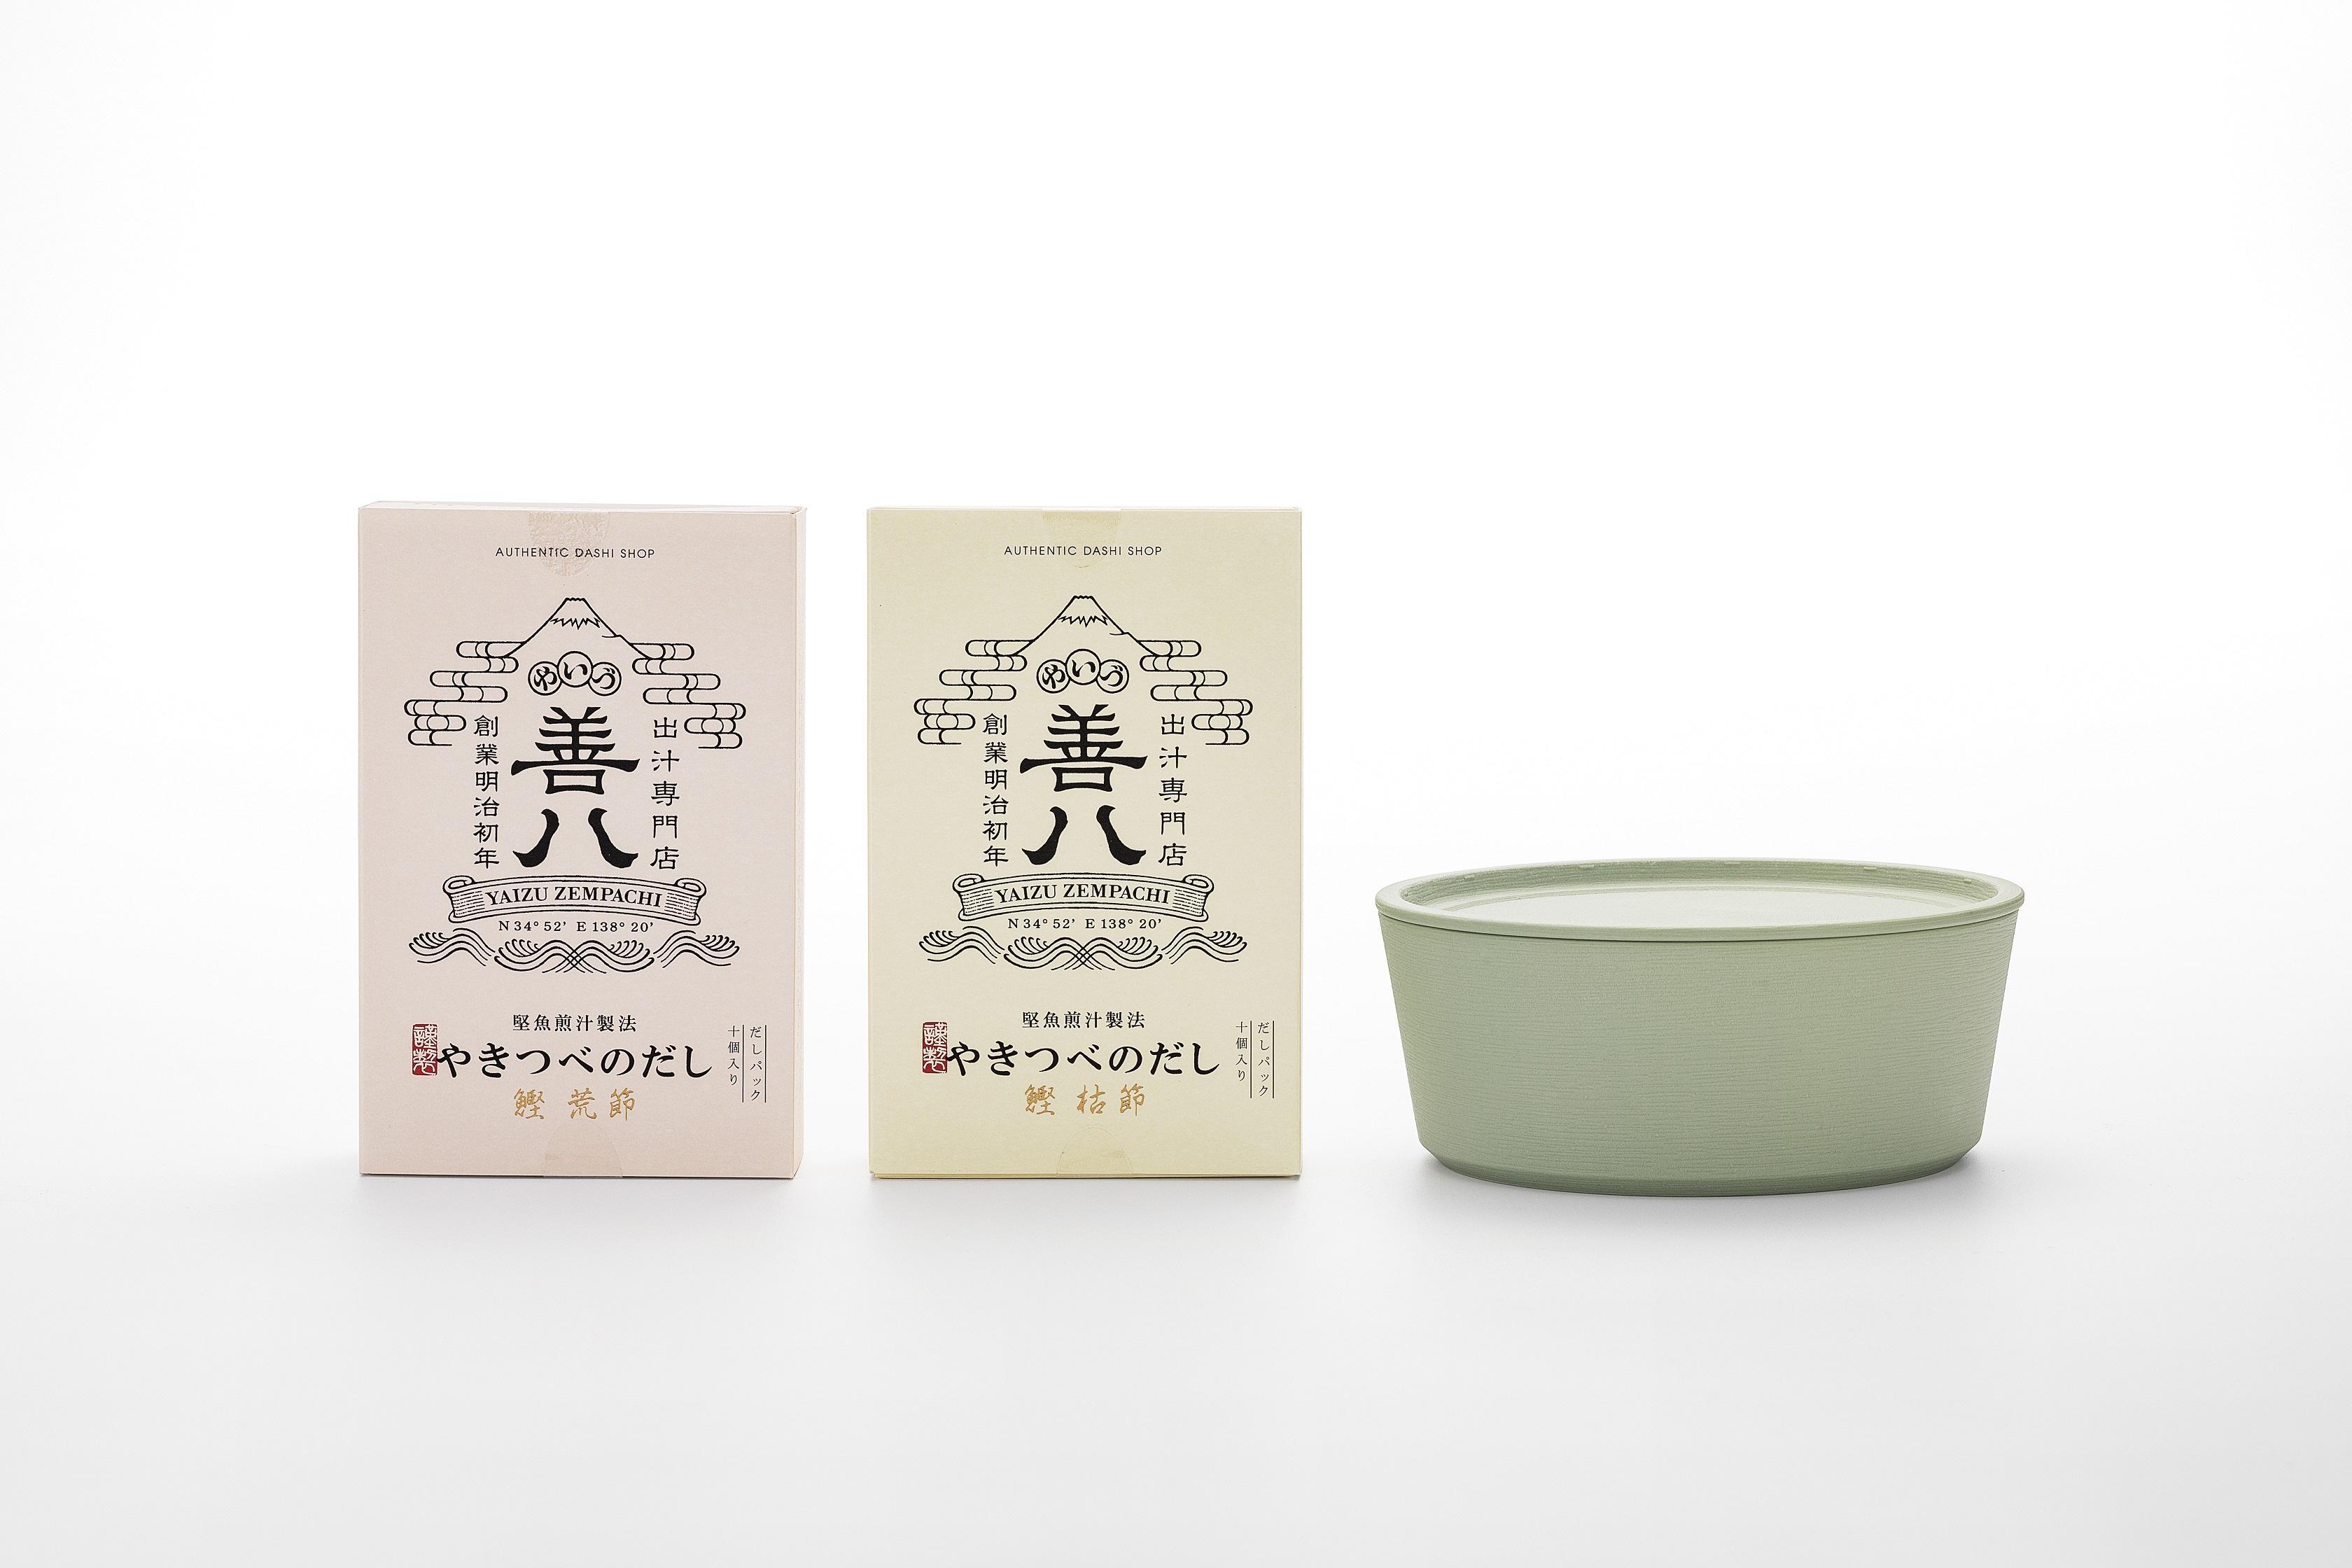 やきつべのだし デザイン食器「9°」セット 初緑色